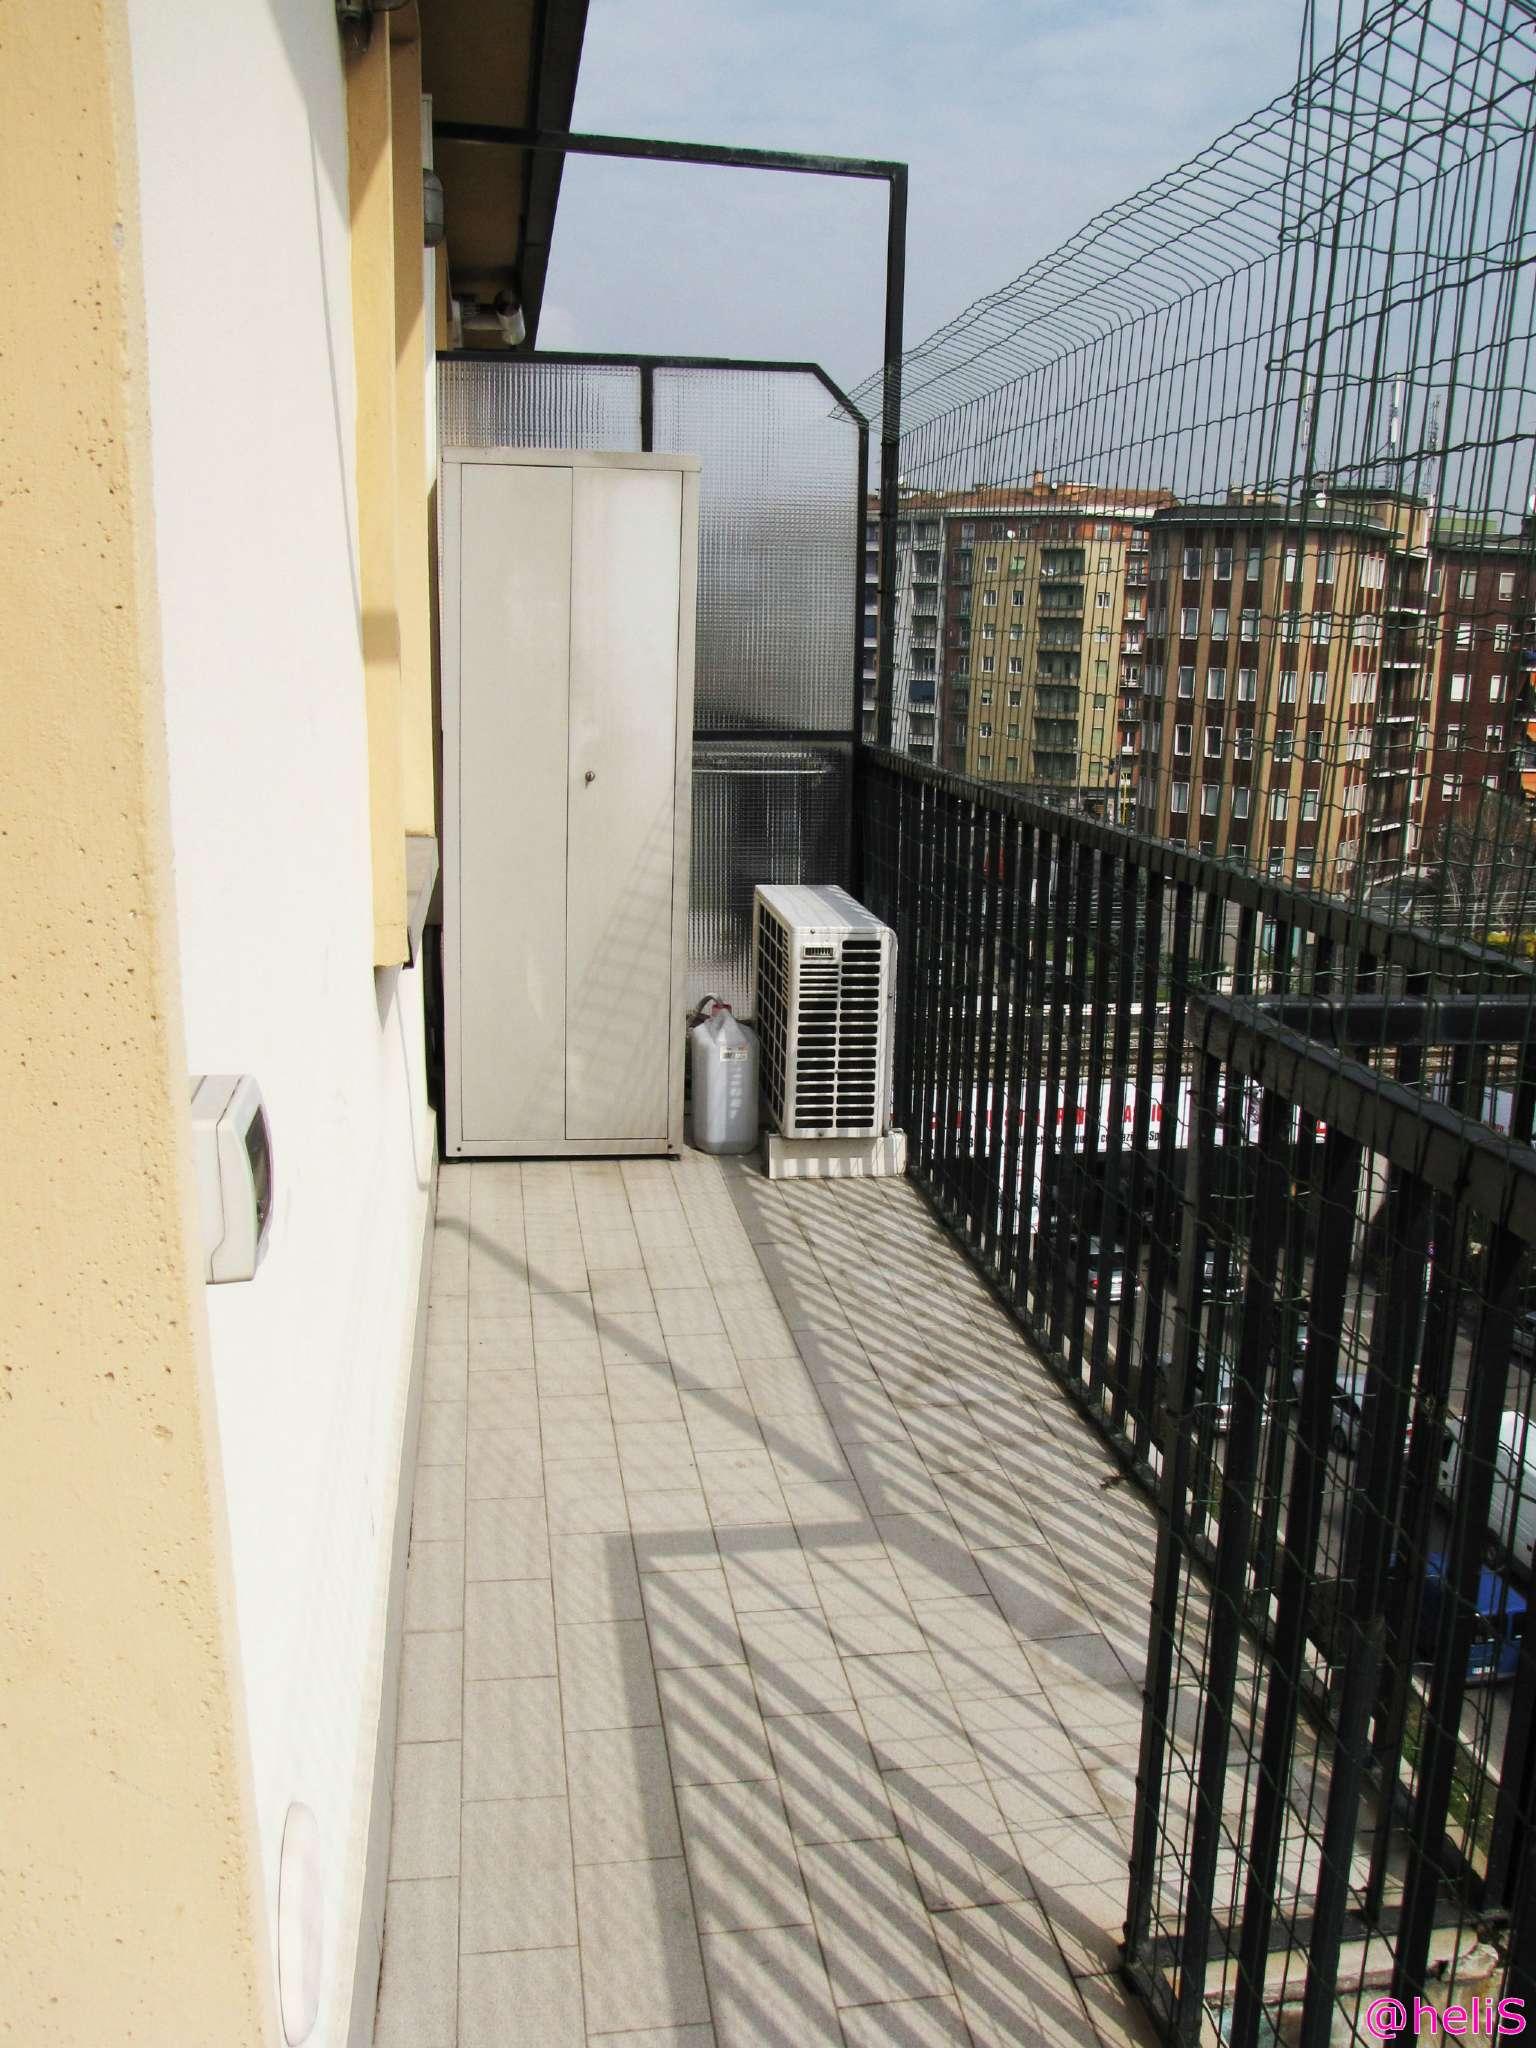 Bilocale Milano Via La Spezia 7